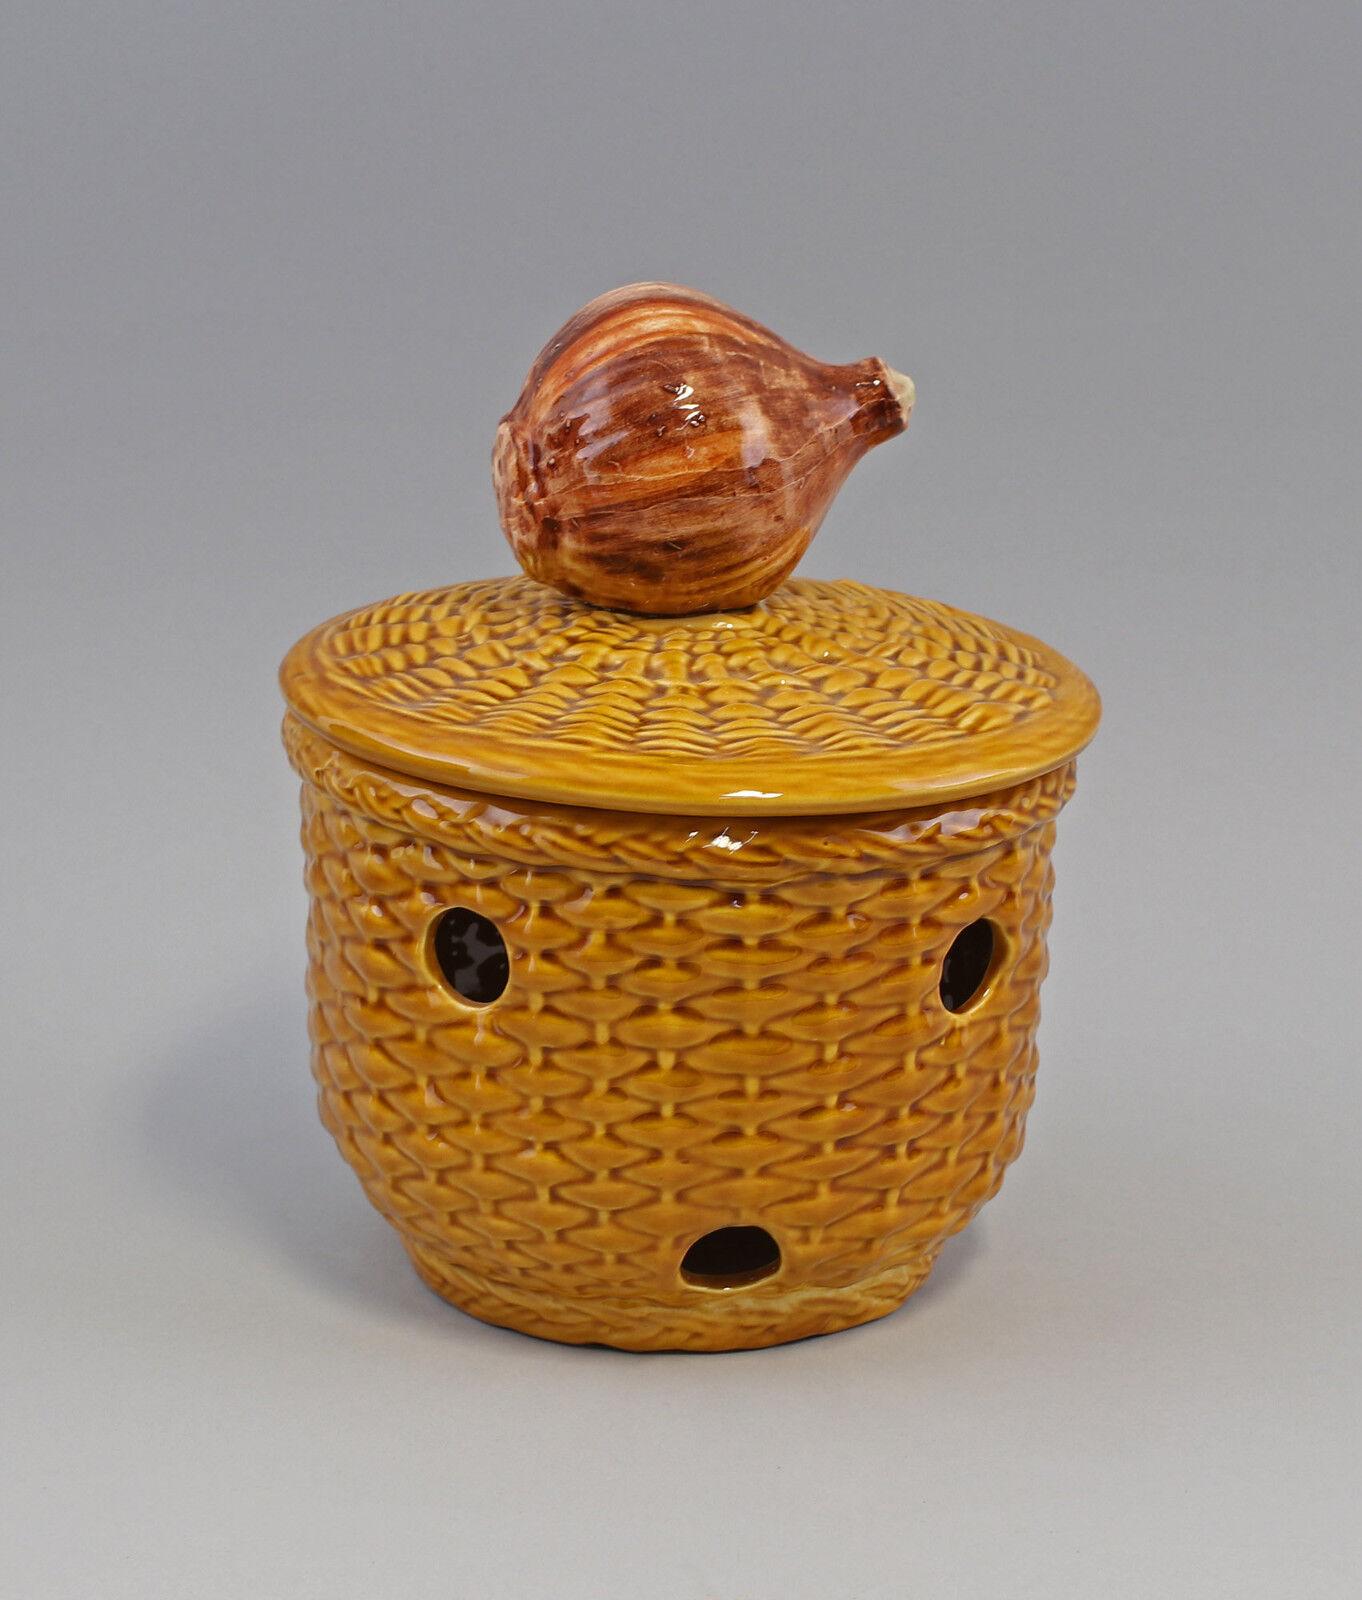 9918640 CIPOLLA Pentola ceramica maiolica PORTUGAL